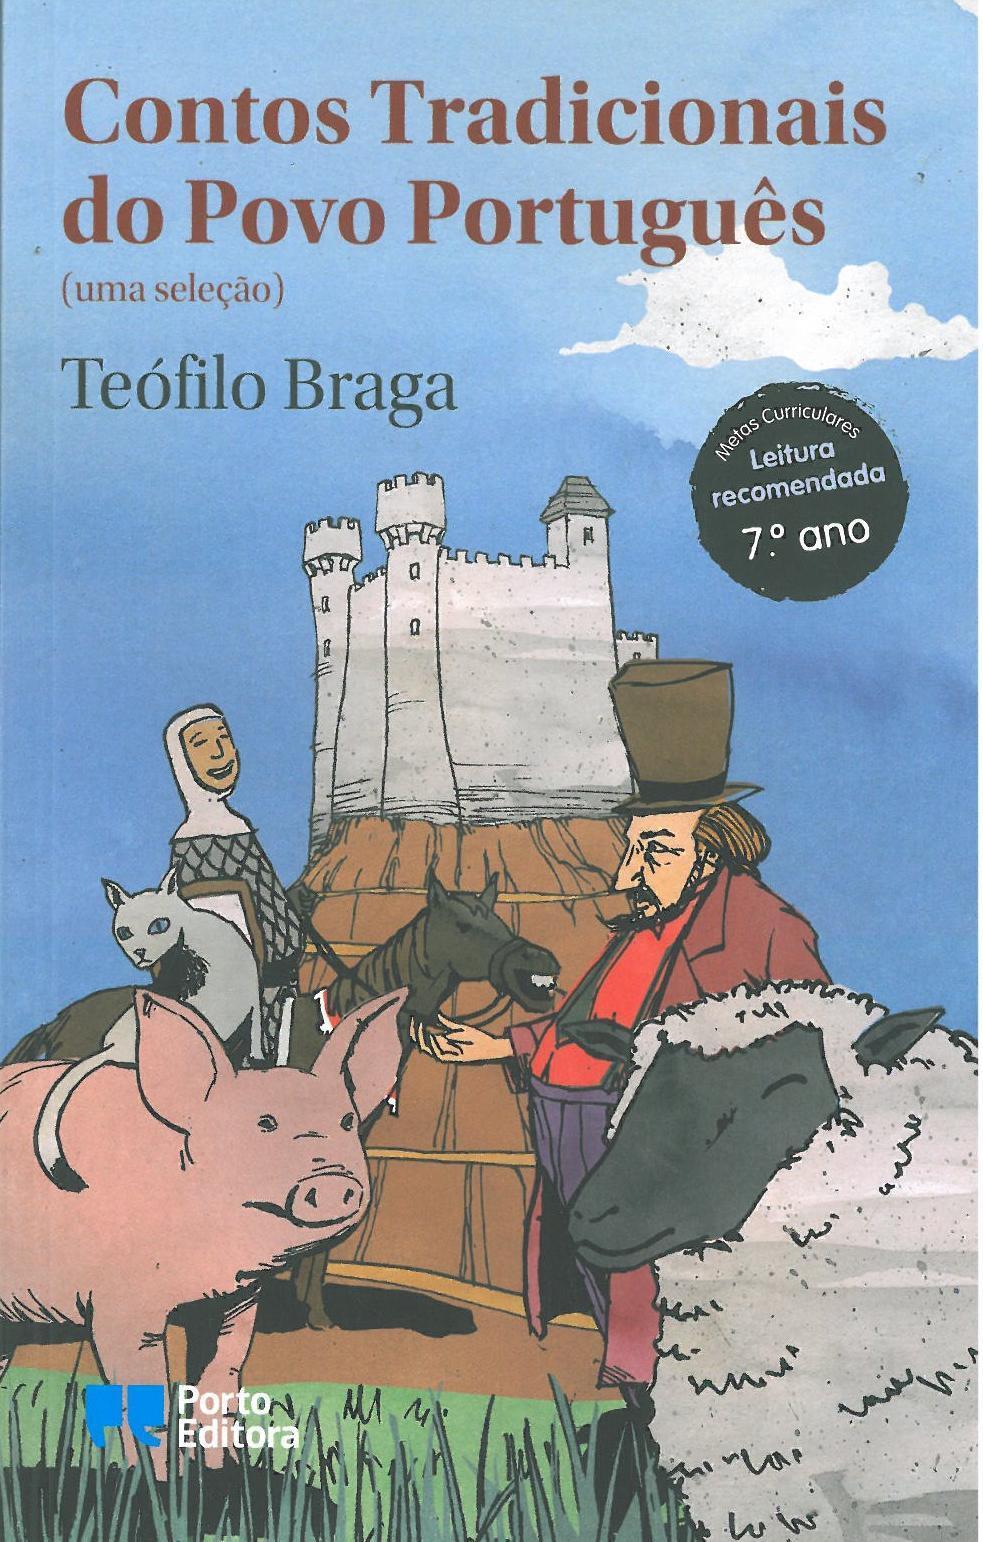 Contos tradicionais do povo português_.jpg